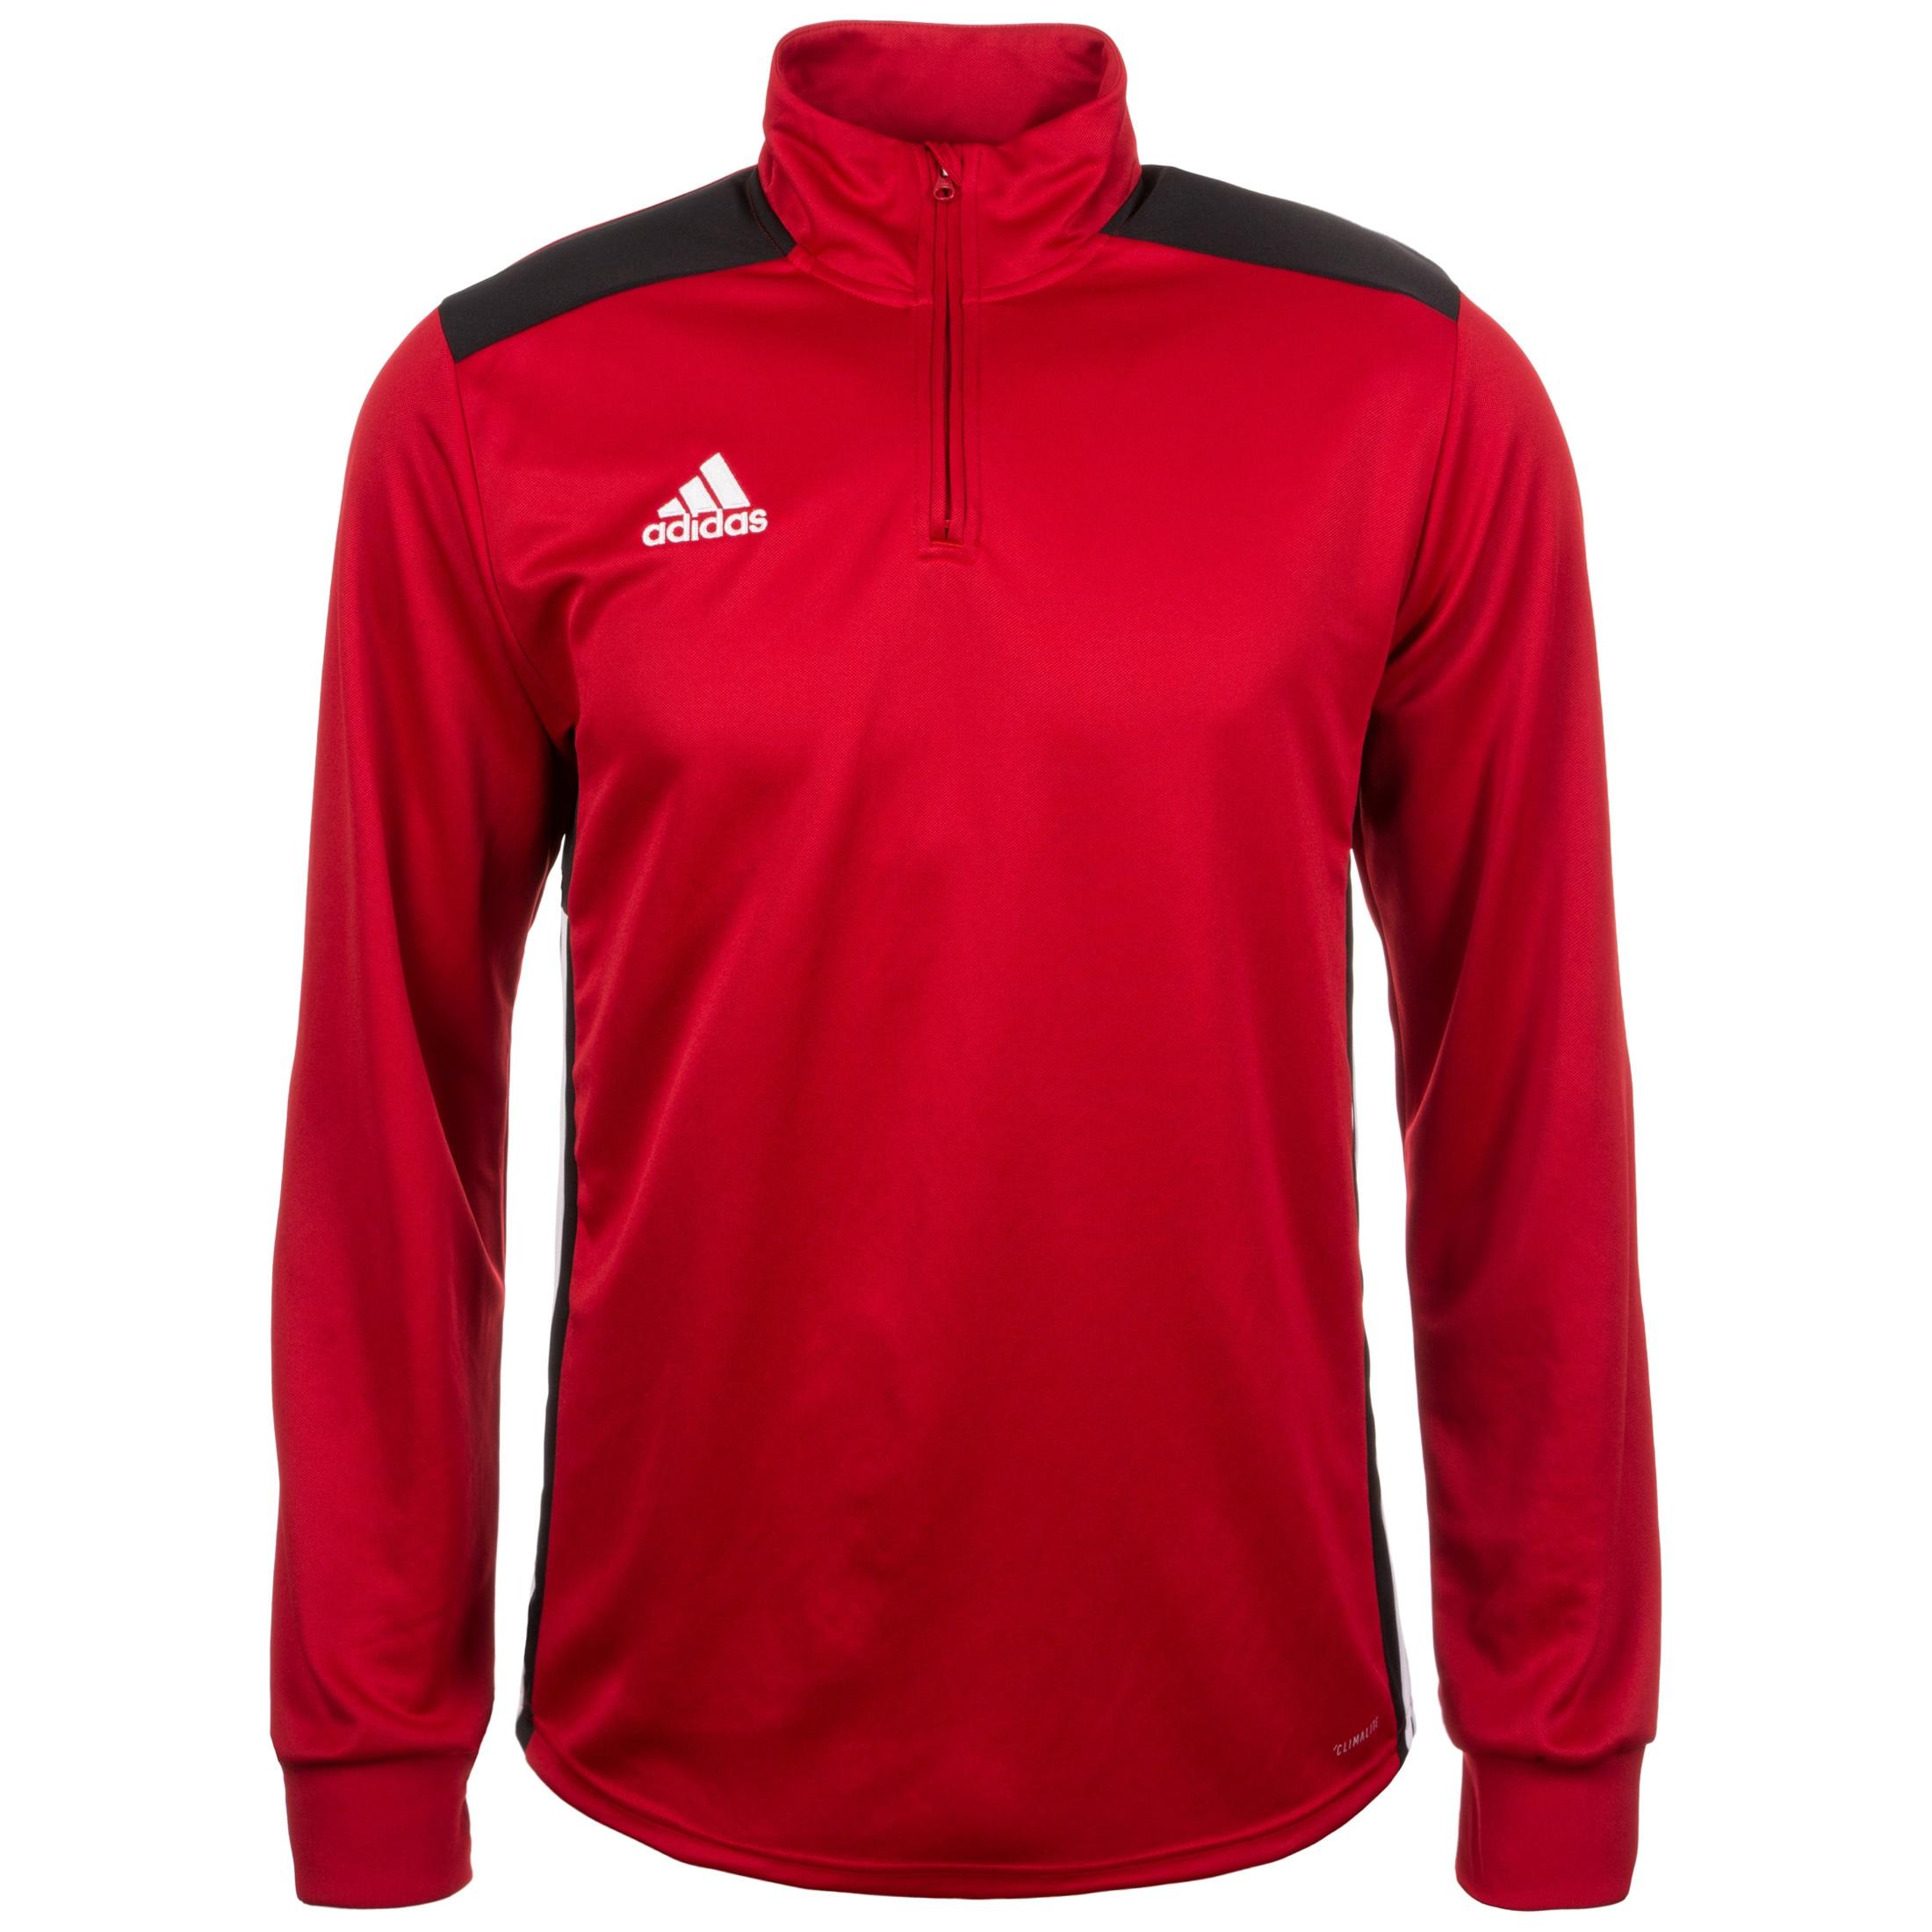 adidas Performance Sweatshirt Regista 18 rot Herren Sweatshirts -jacken